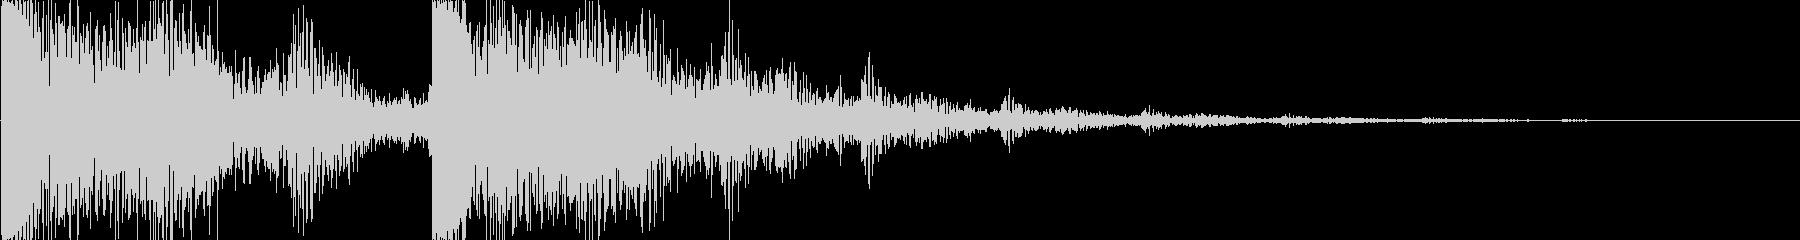 ゲーム(アイテム入手、決定音、セーブ)等の未再生の波形